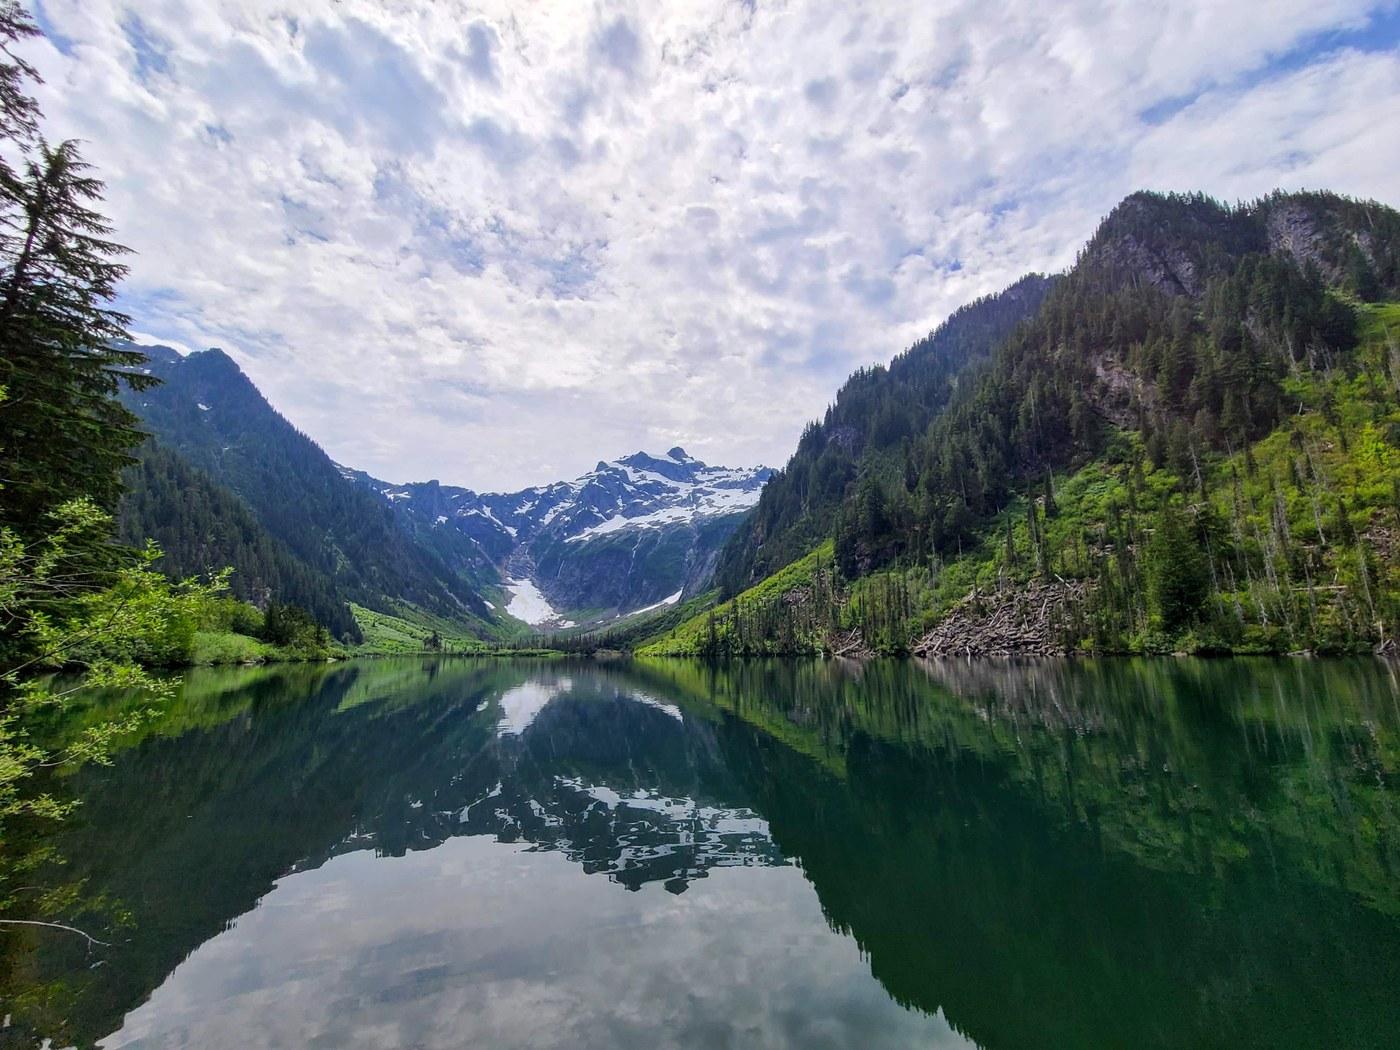 Goat Lake. Photo by Luffles.jpeg